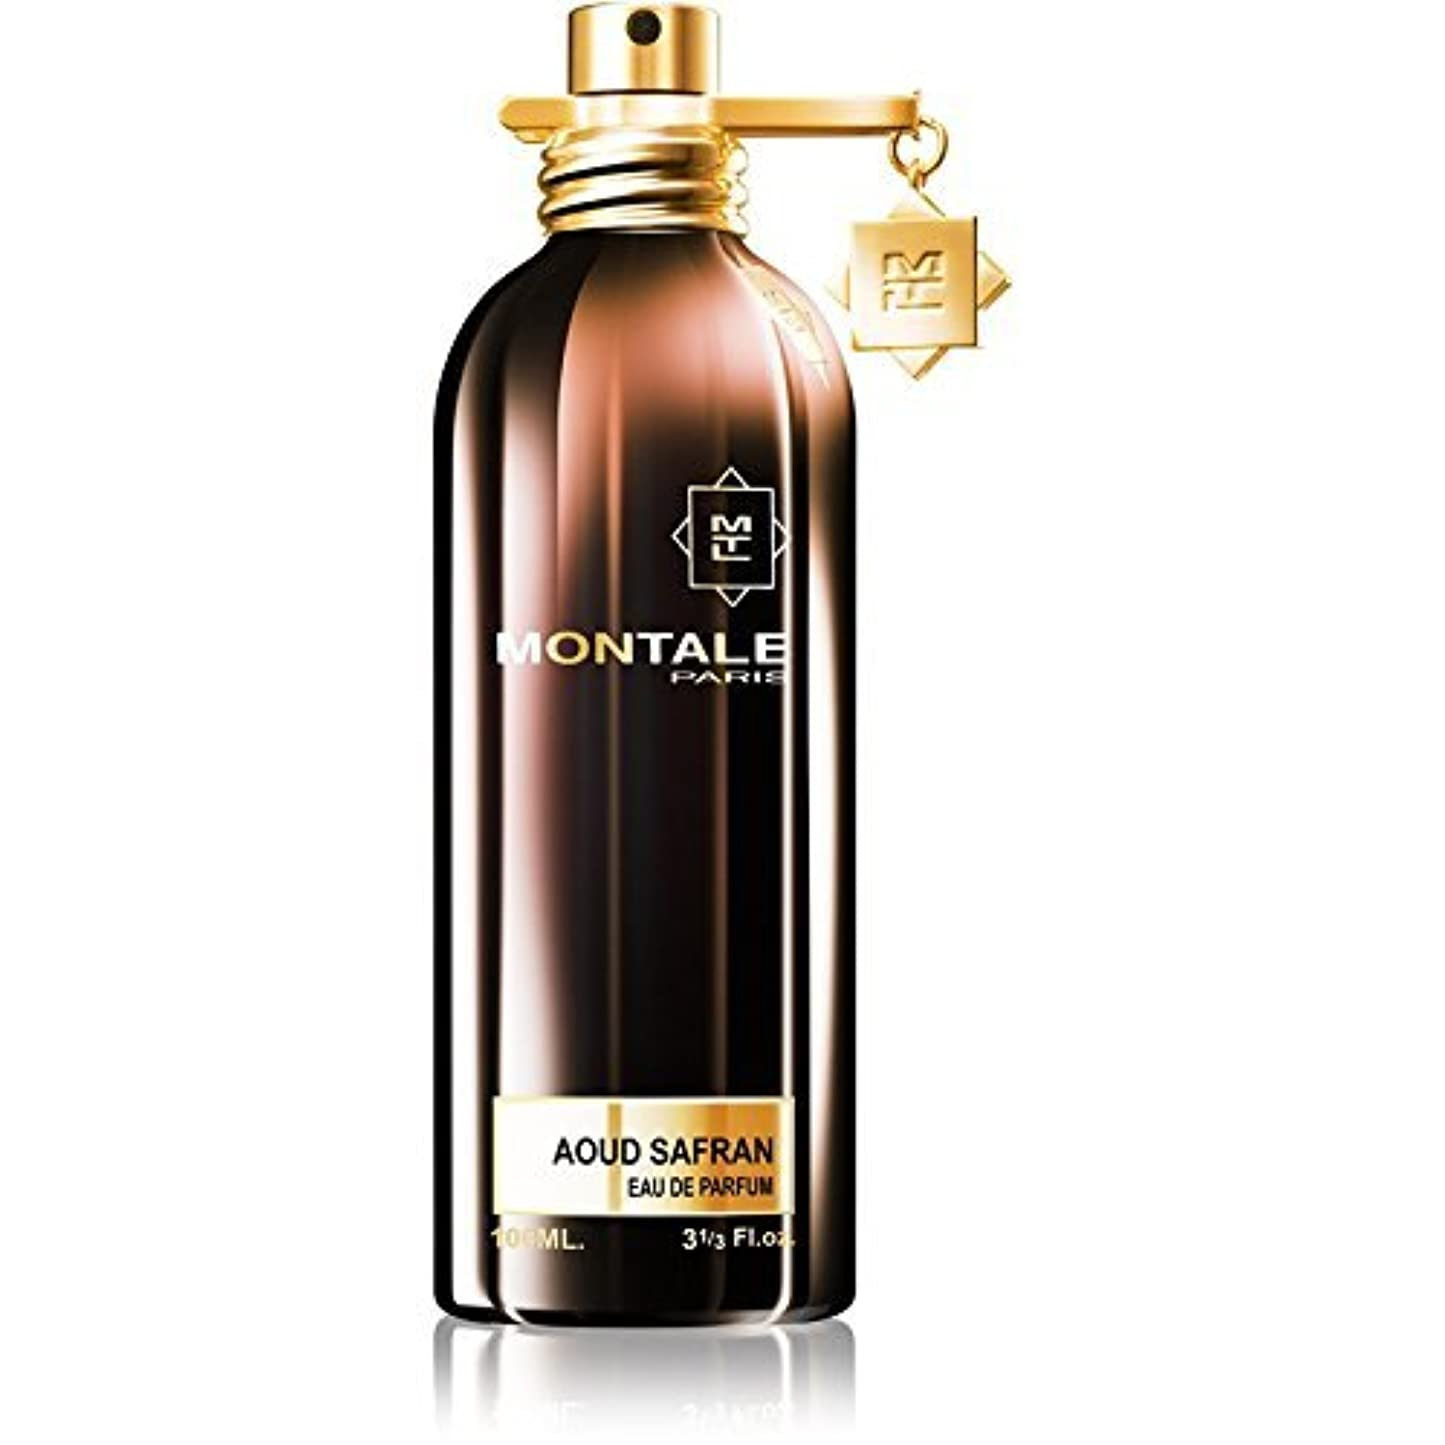 暴露スクラップ養うMONTALE AOUD SAFRAN Eau de Perfume 100ml Made in France 100% 本物モンターレ アラブ サフラン オードトワレ香水 100 ml フランス製 +2サンプル無料! + 30 mlスキンケア無料!